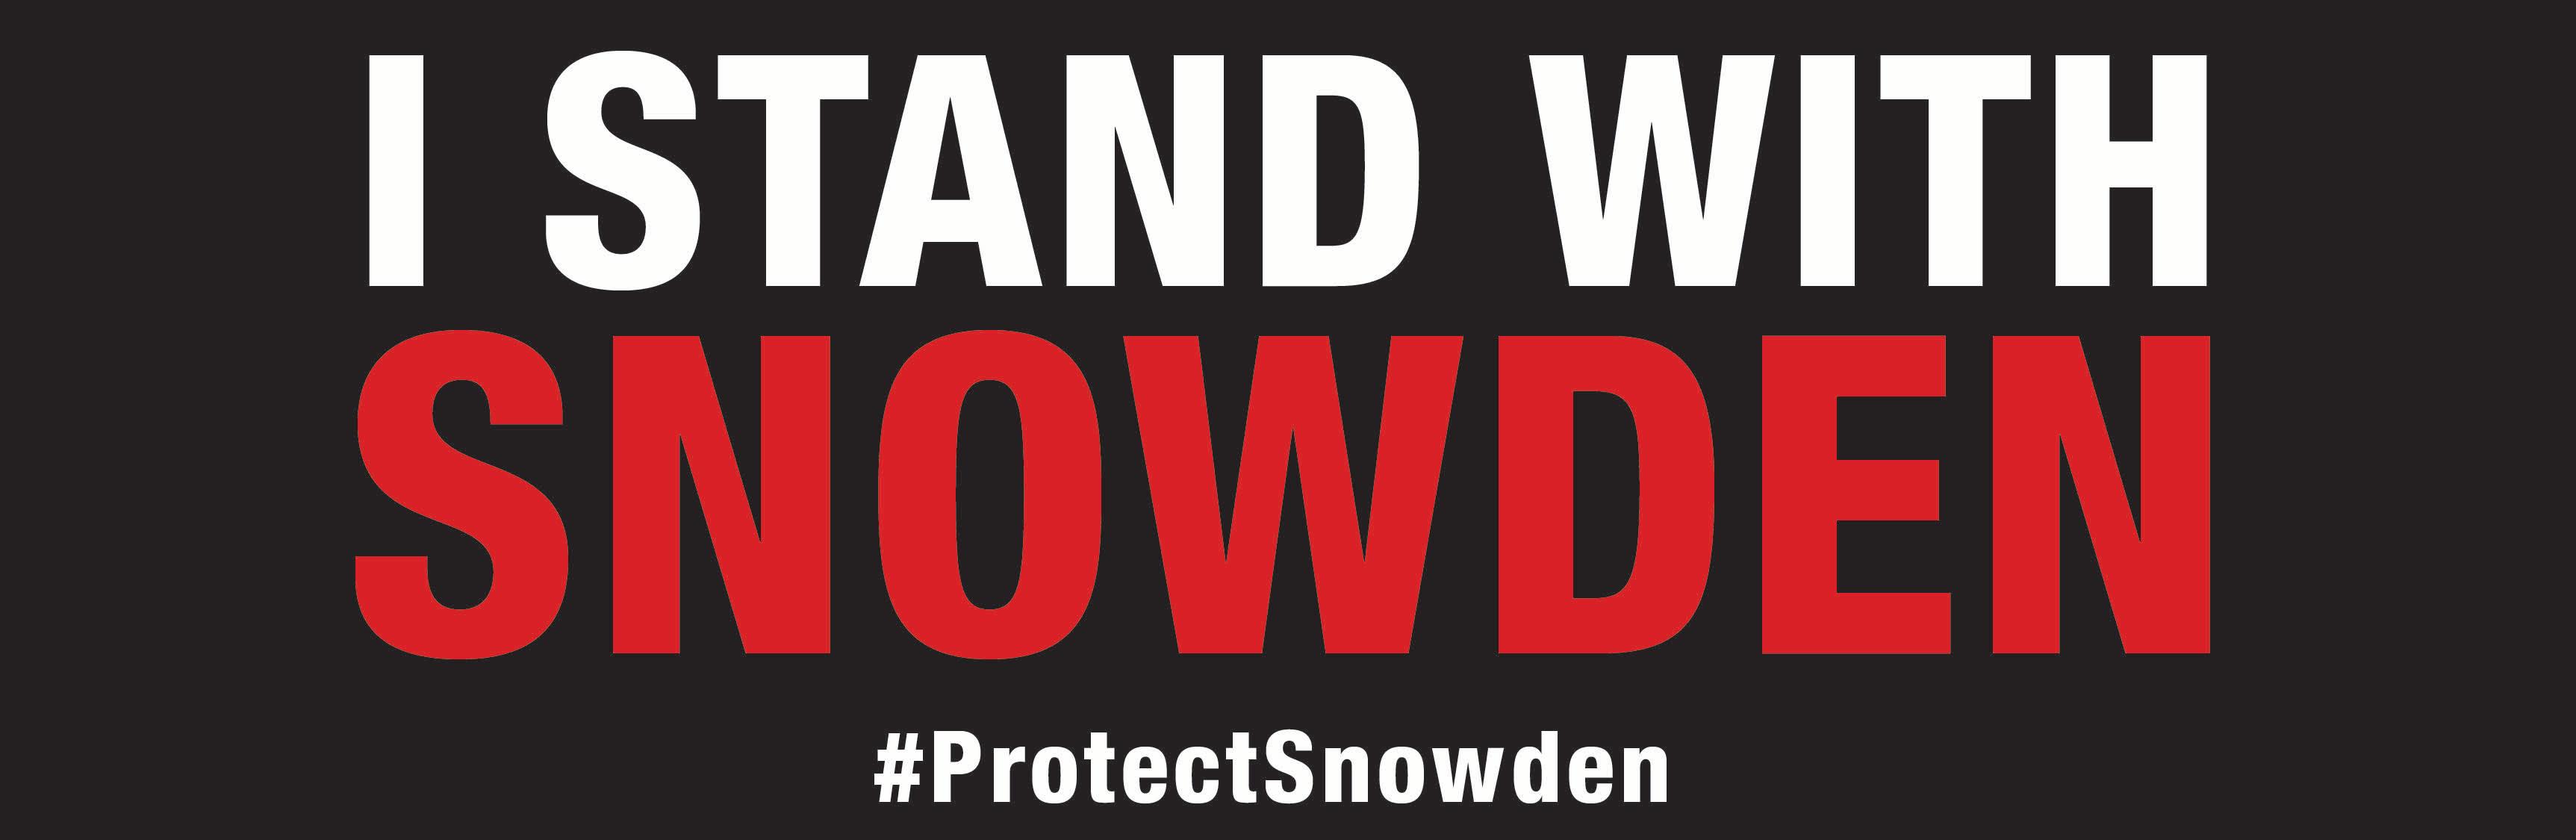 Snowden. Hero.